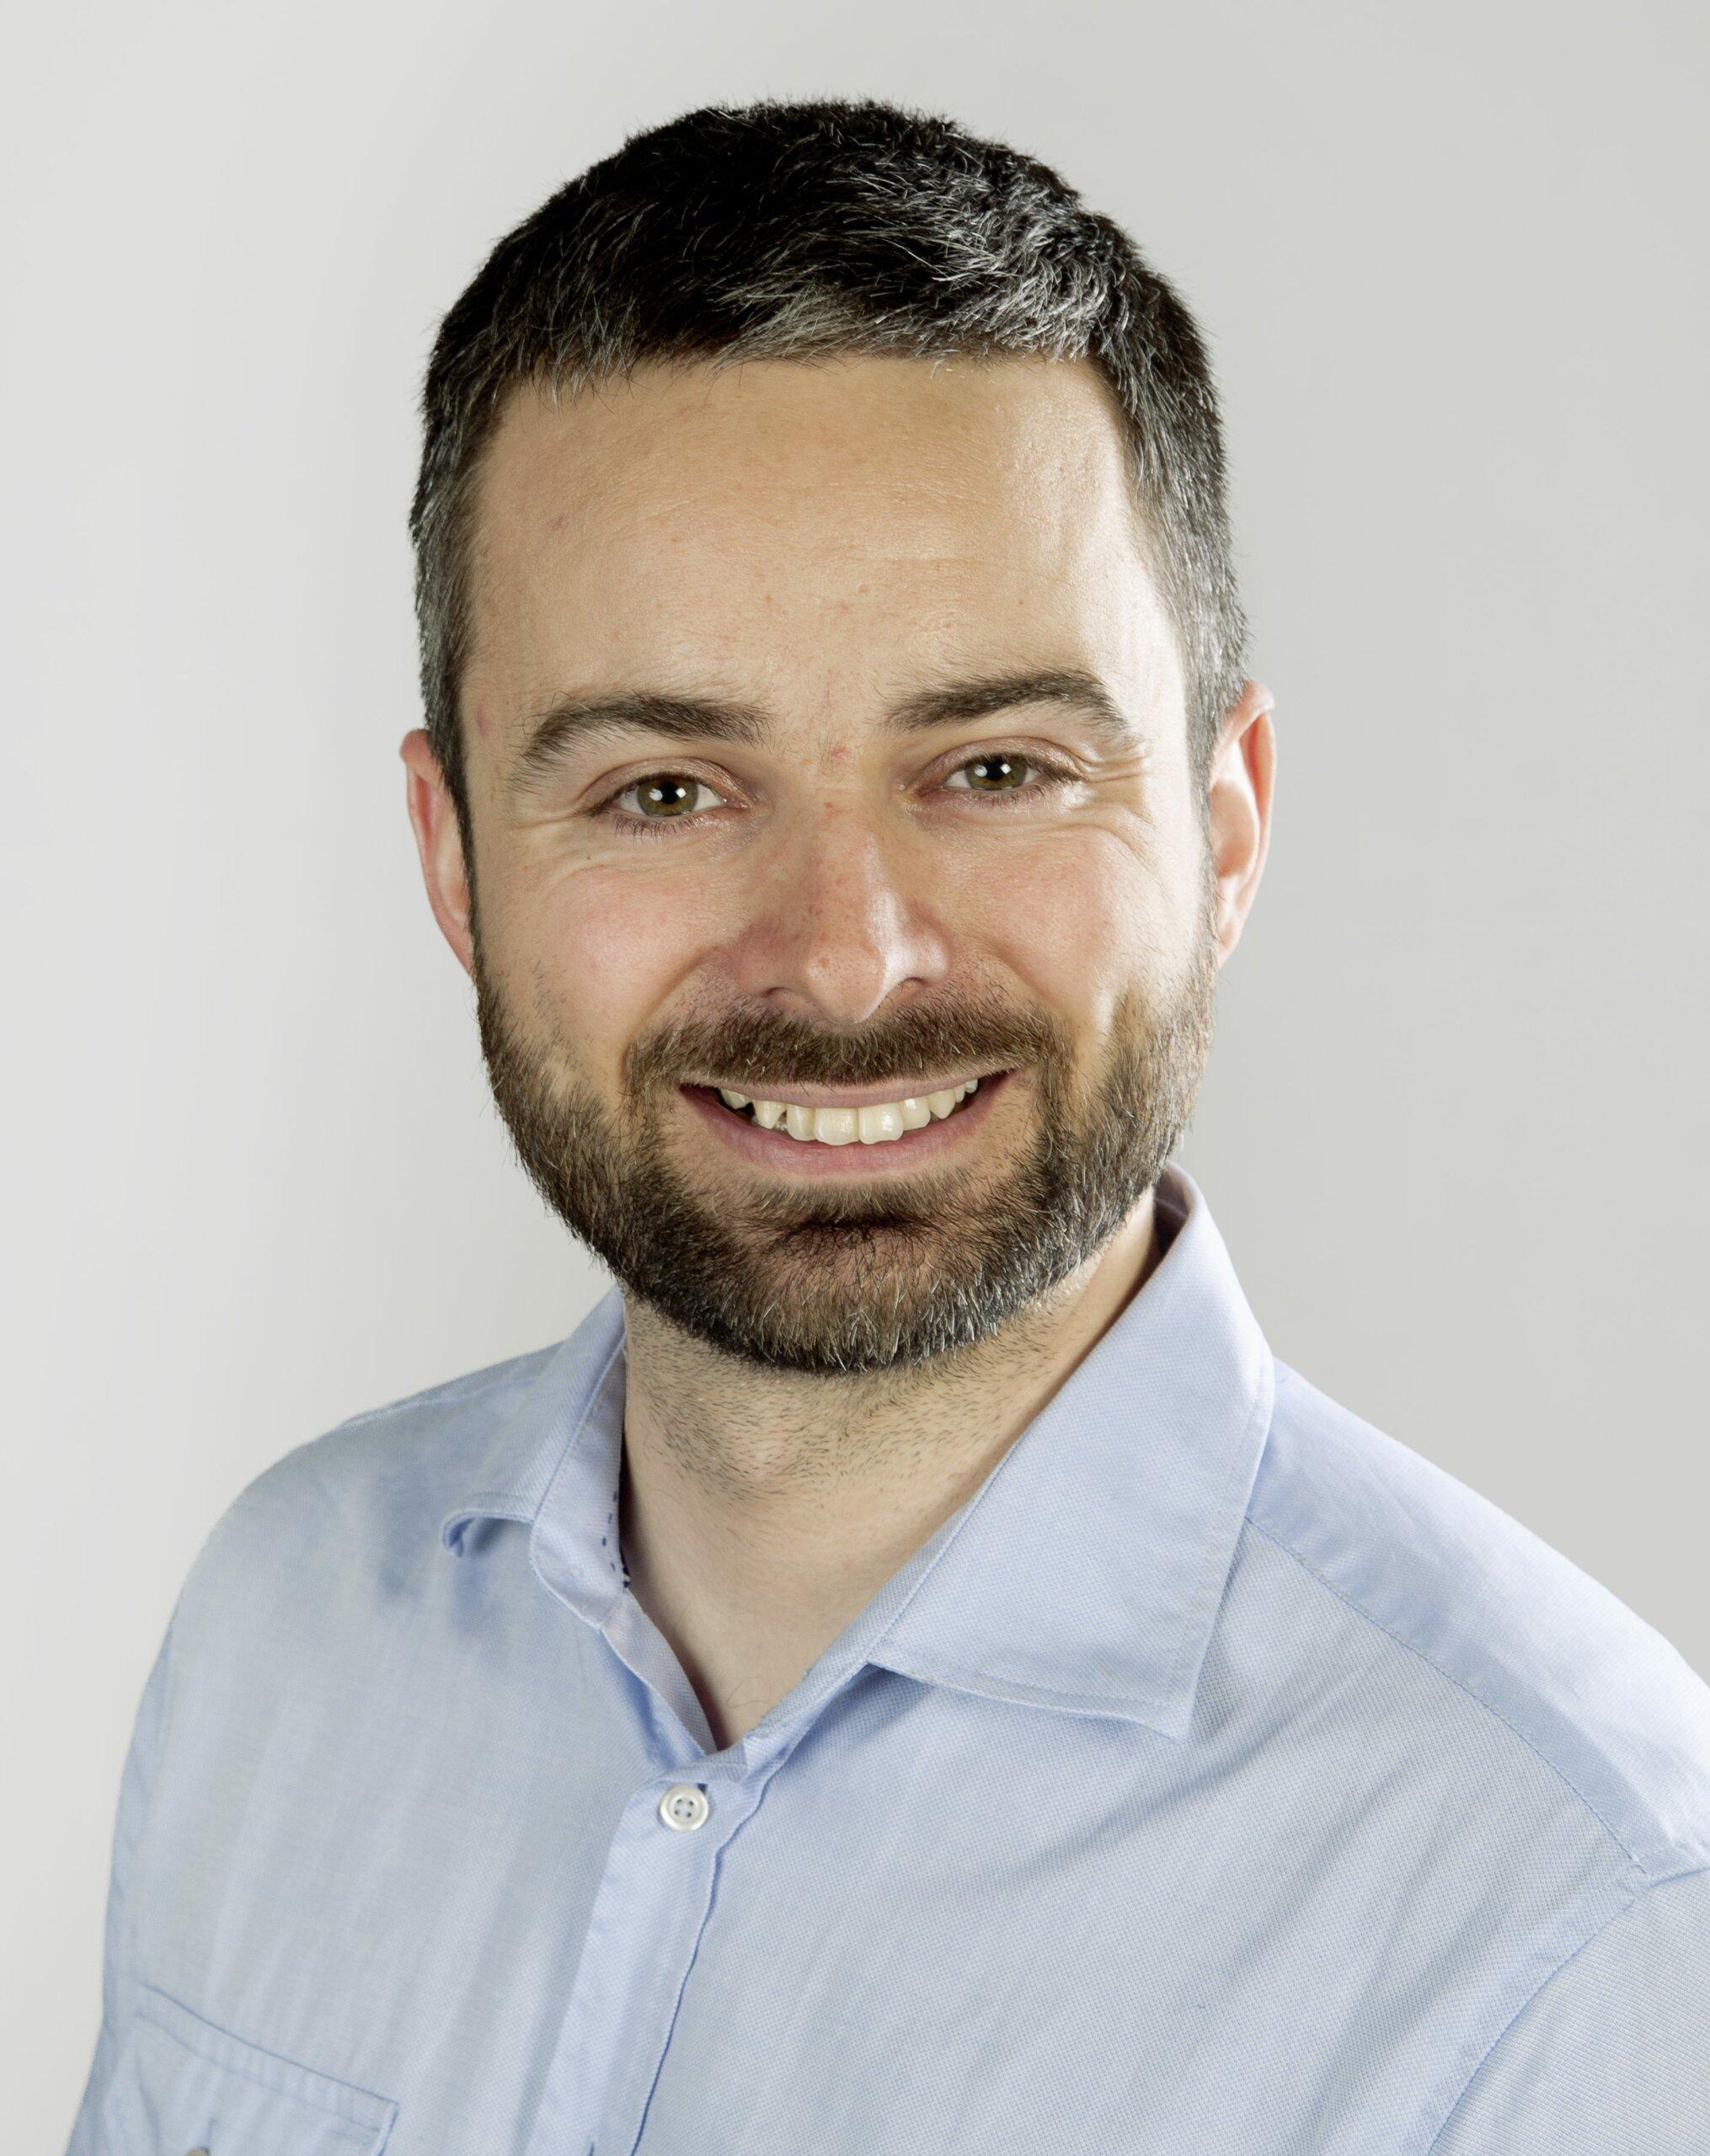 Daniel Neyer Profilbild